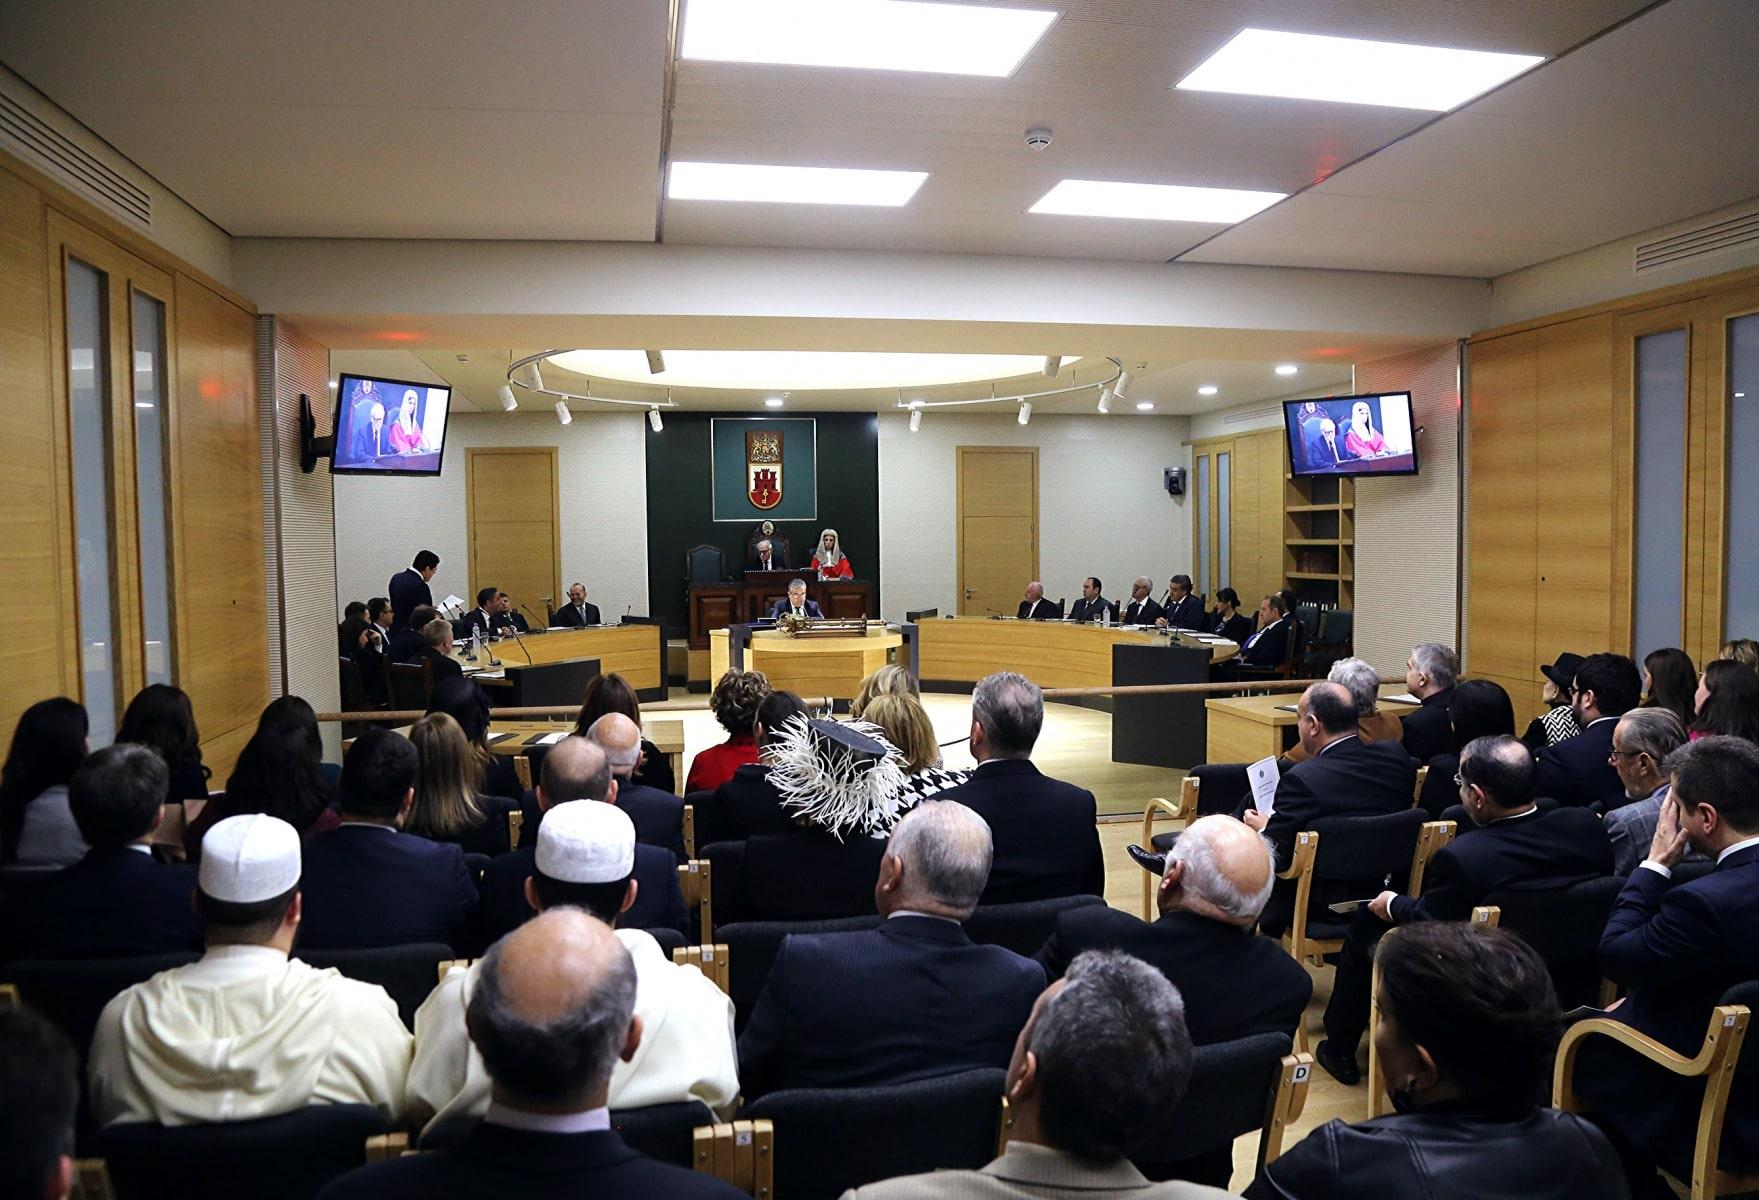 9-de-diciembre-de-2015-ceremonia-inaugural-del-nuevo-parlamento-de-gibraltar_23266206809_o